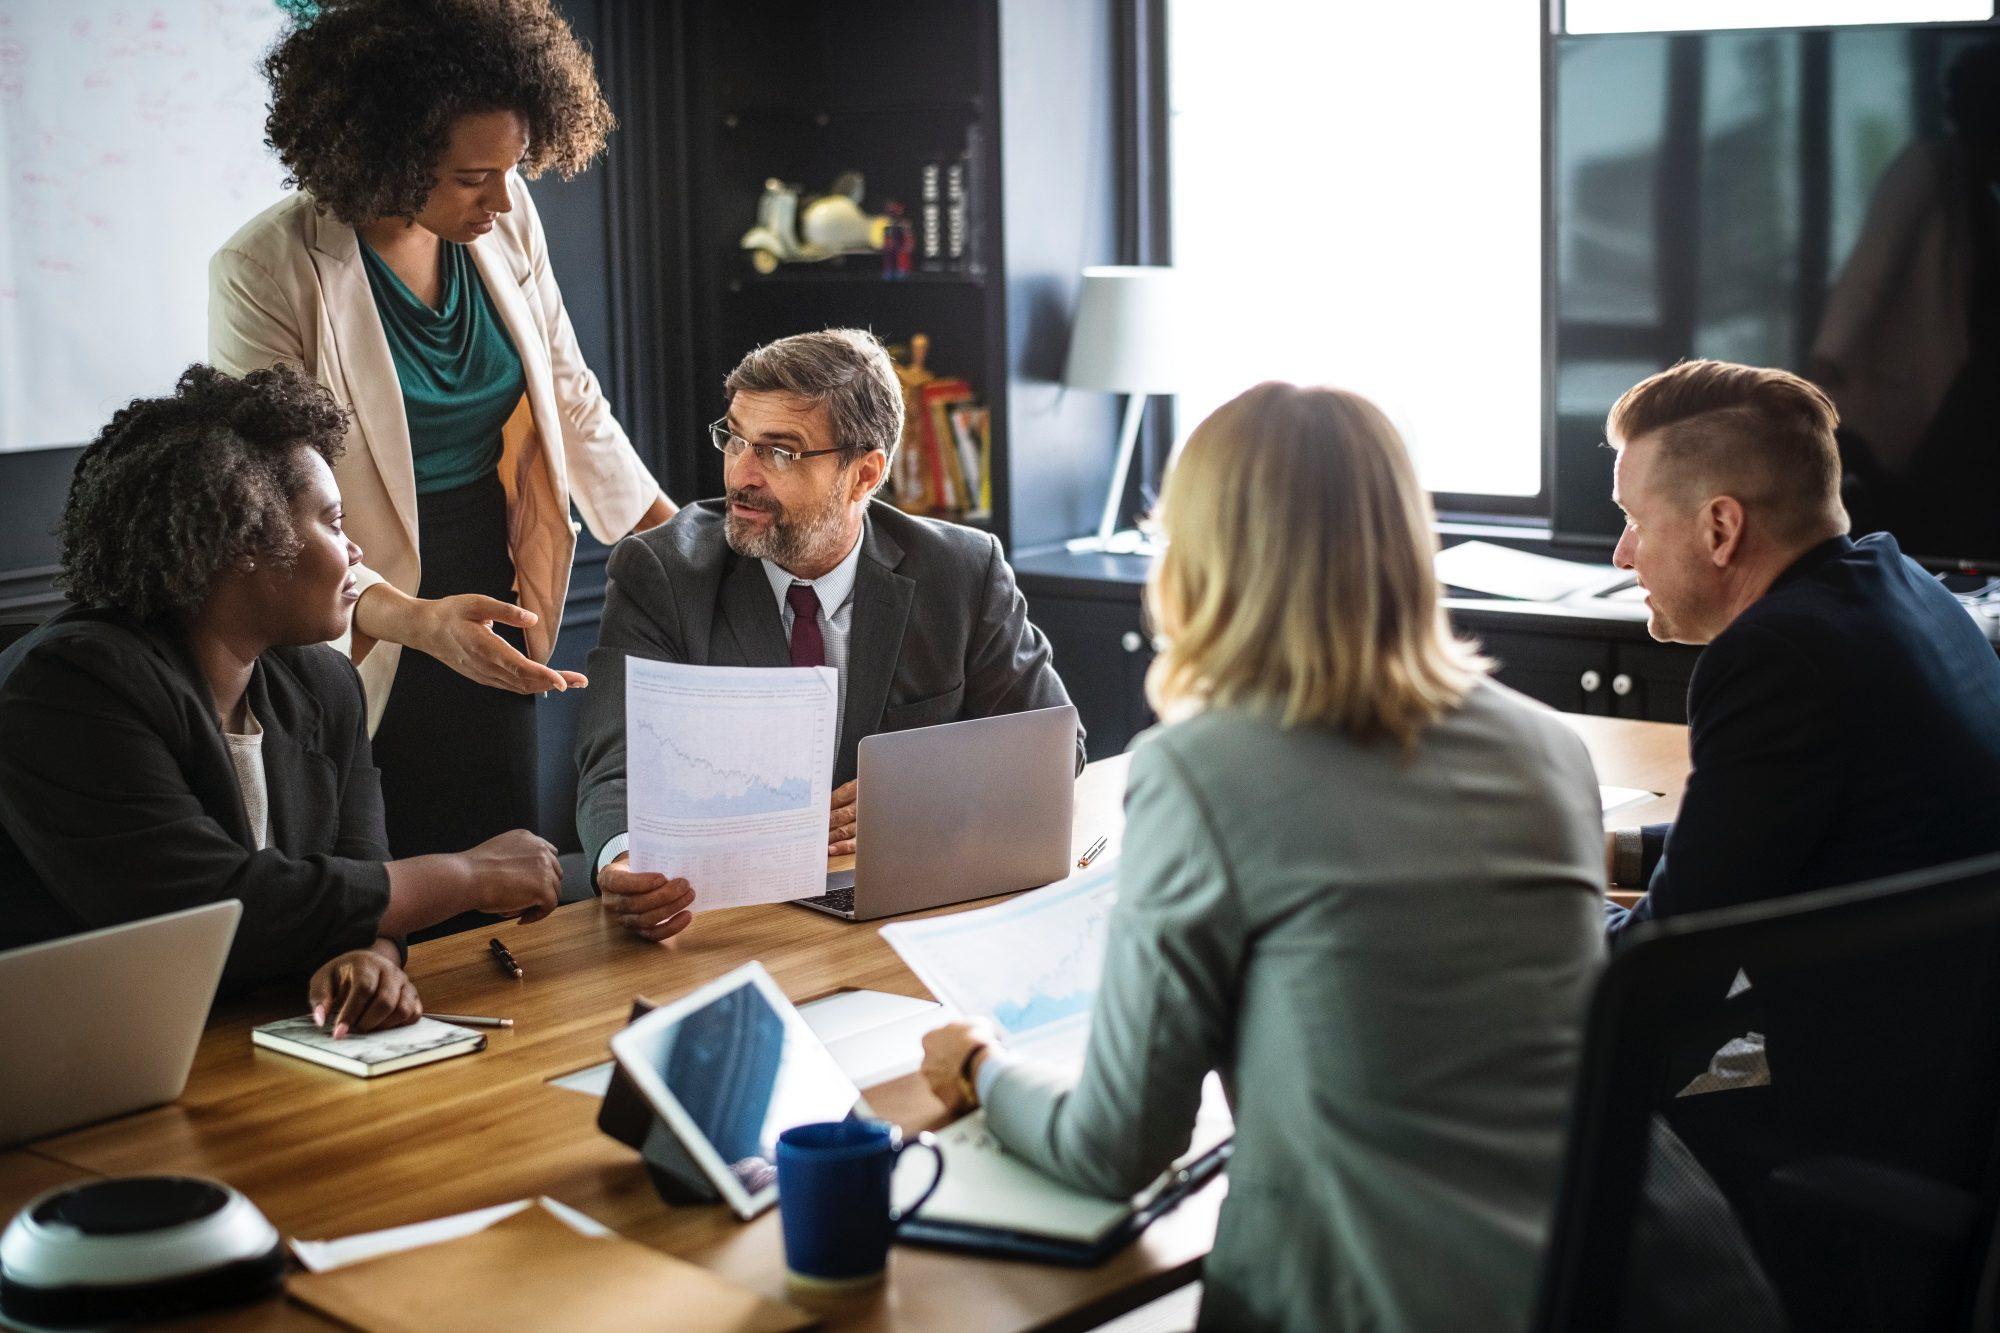 Educação Corporativa: quais são os fatores de sucesso?